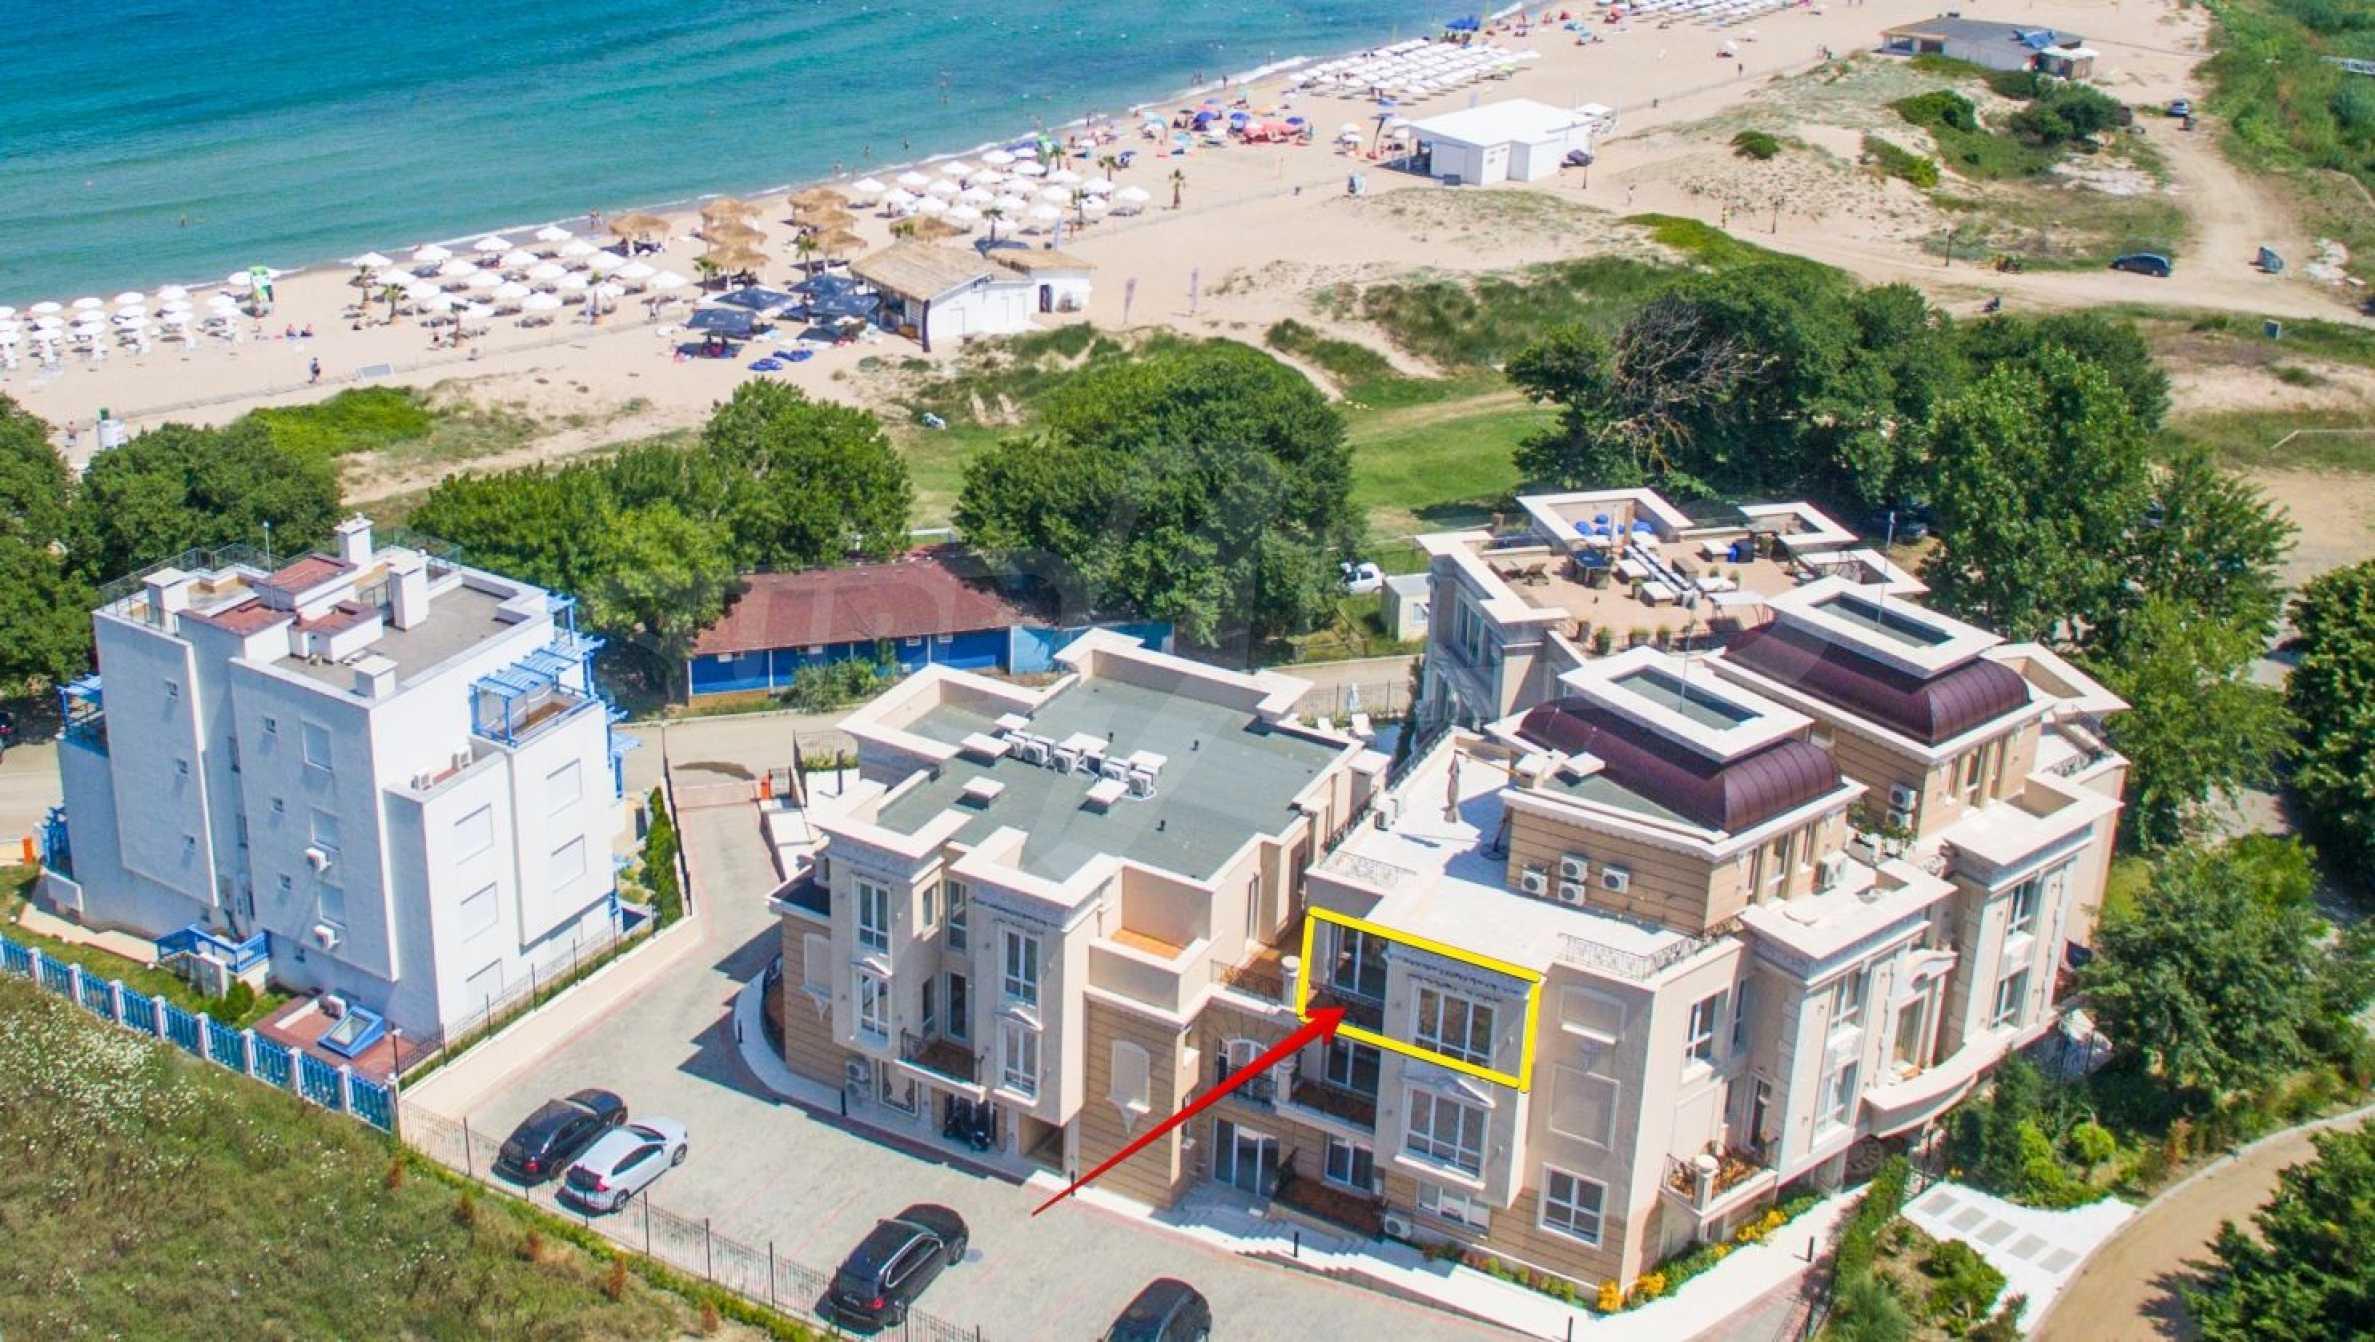 Двустаен апартамент в бутиковата резиденция до Централен плаж - Belle Époque (ап. №A 305) 18